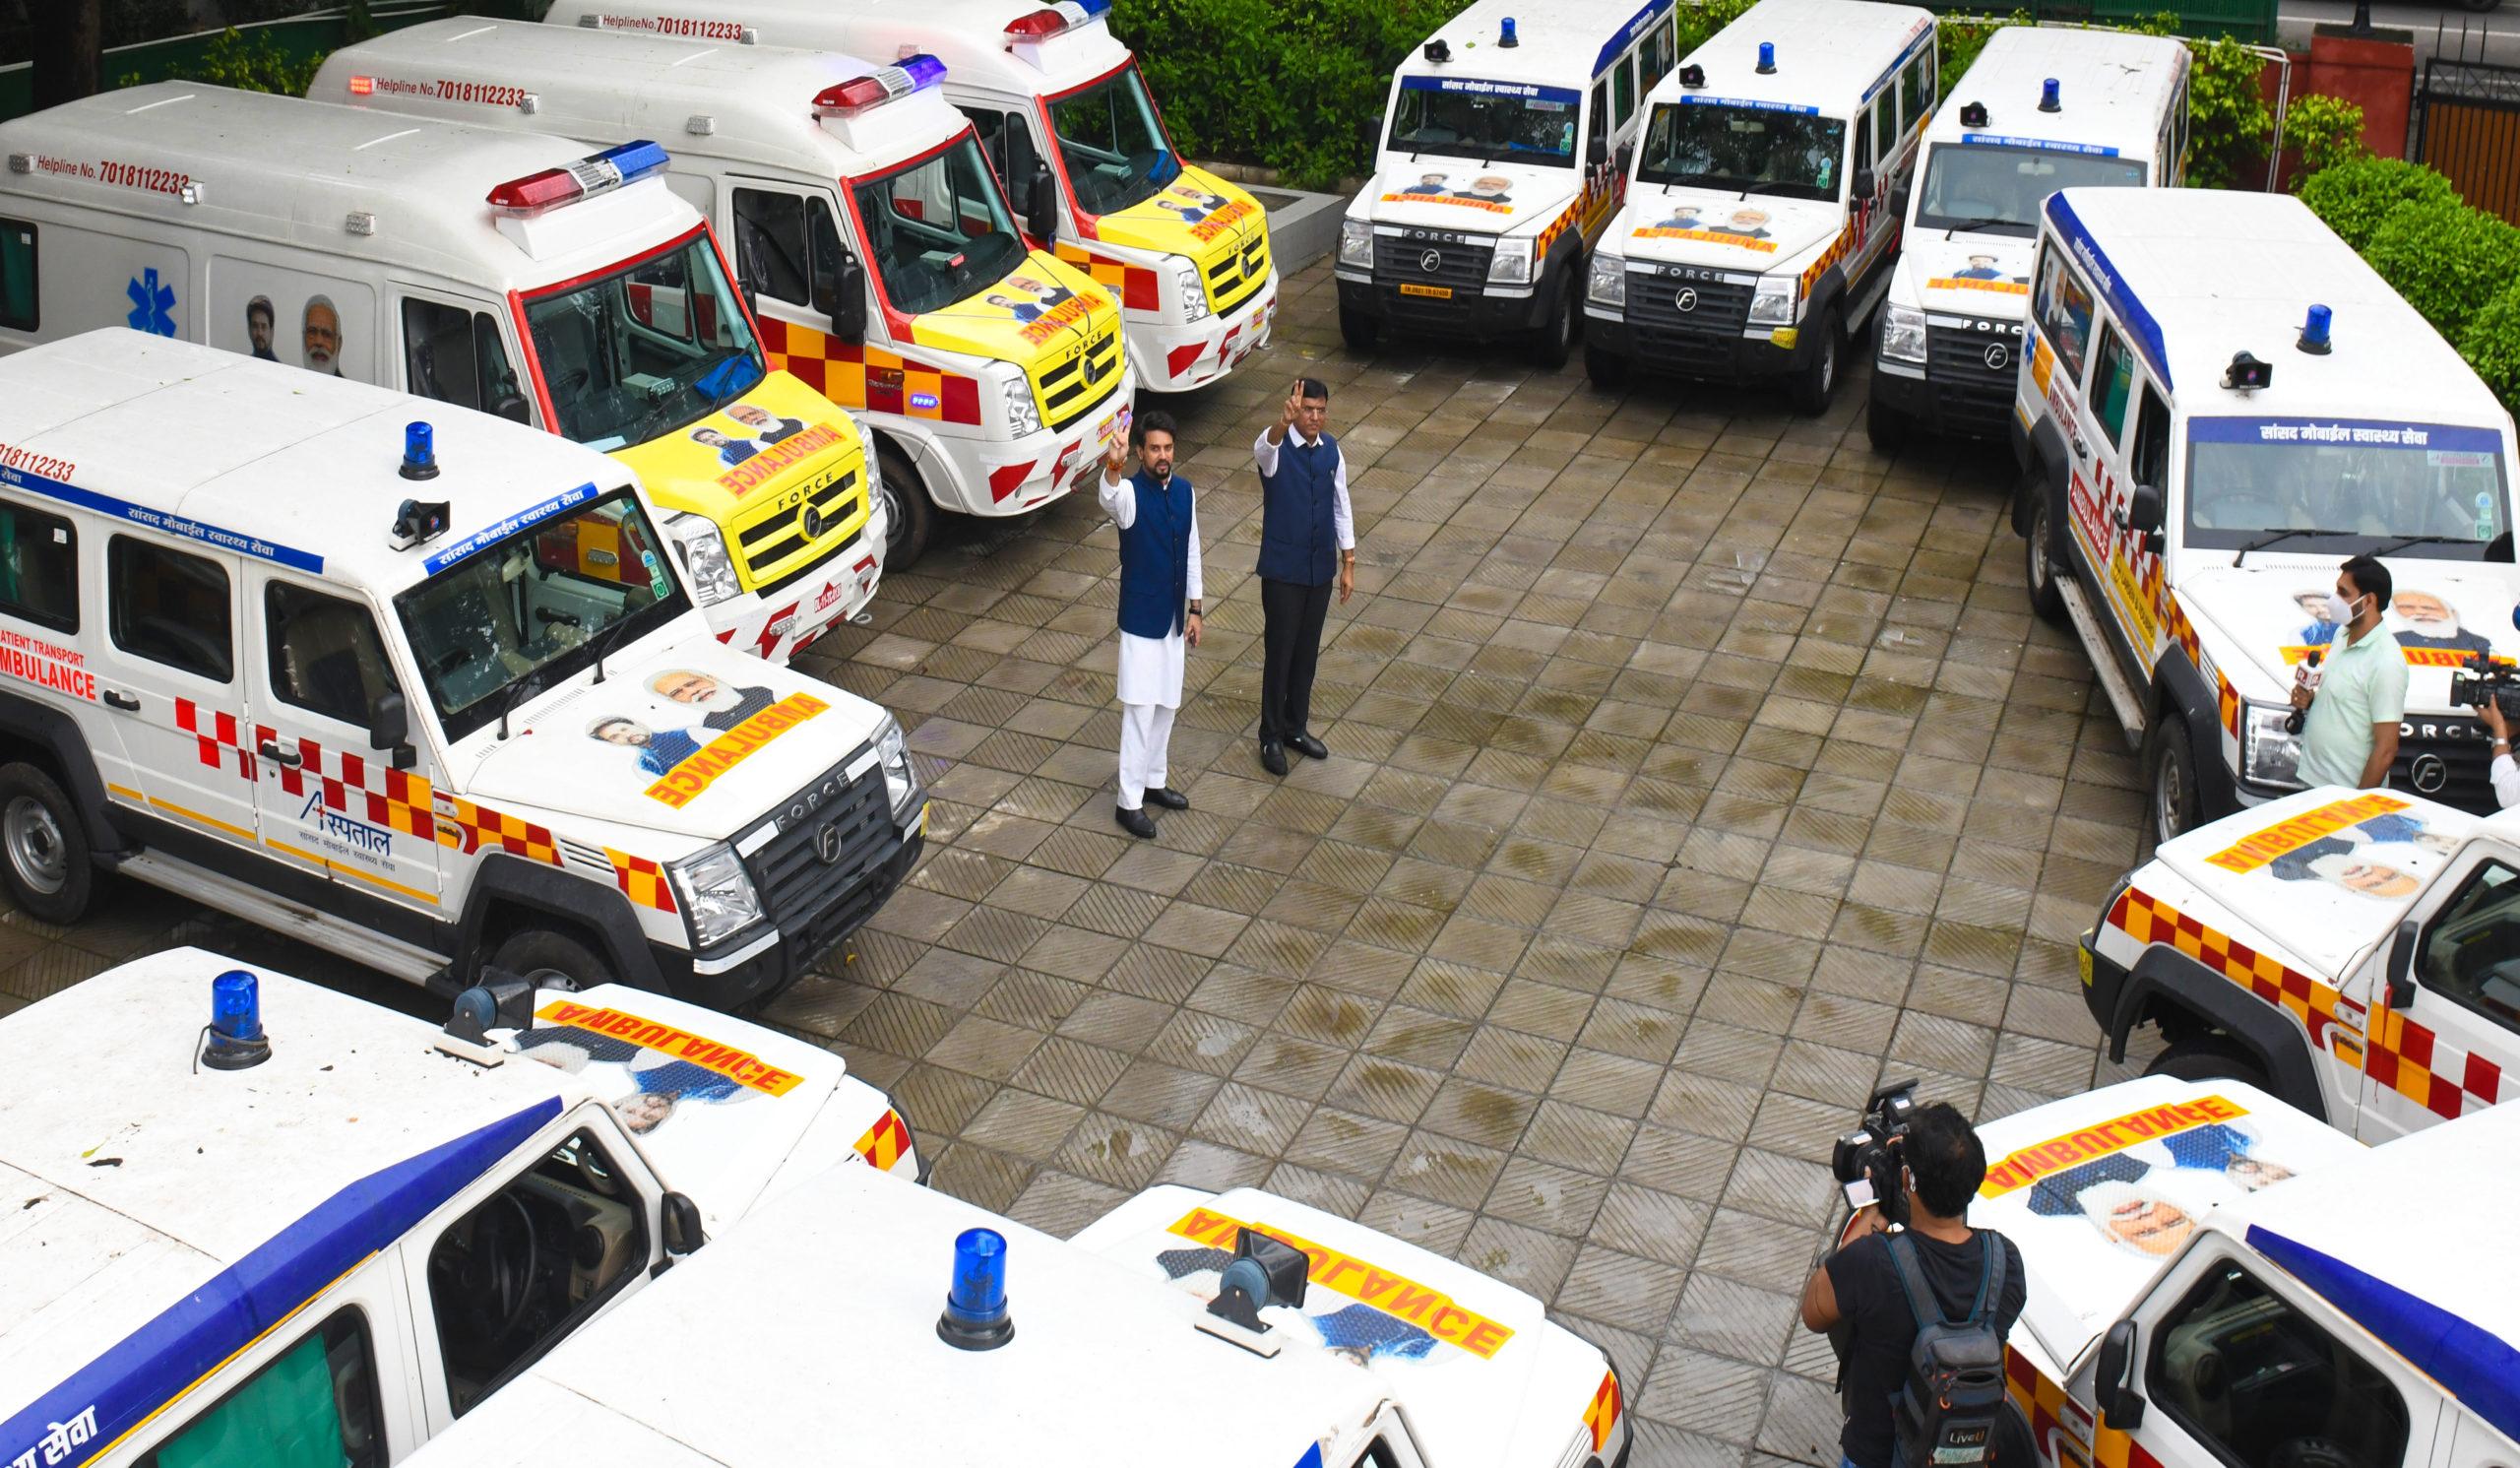 सेवा और समर्पण के भाव से 15 मोबाइल मेडिकल यूनिट्स हिमाचल रवाना, 5 वर्षों में 21 लाख लोगों लाभान्वित करने का लक्ष्य-अनुराग